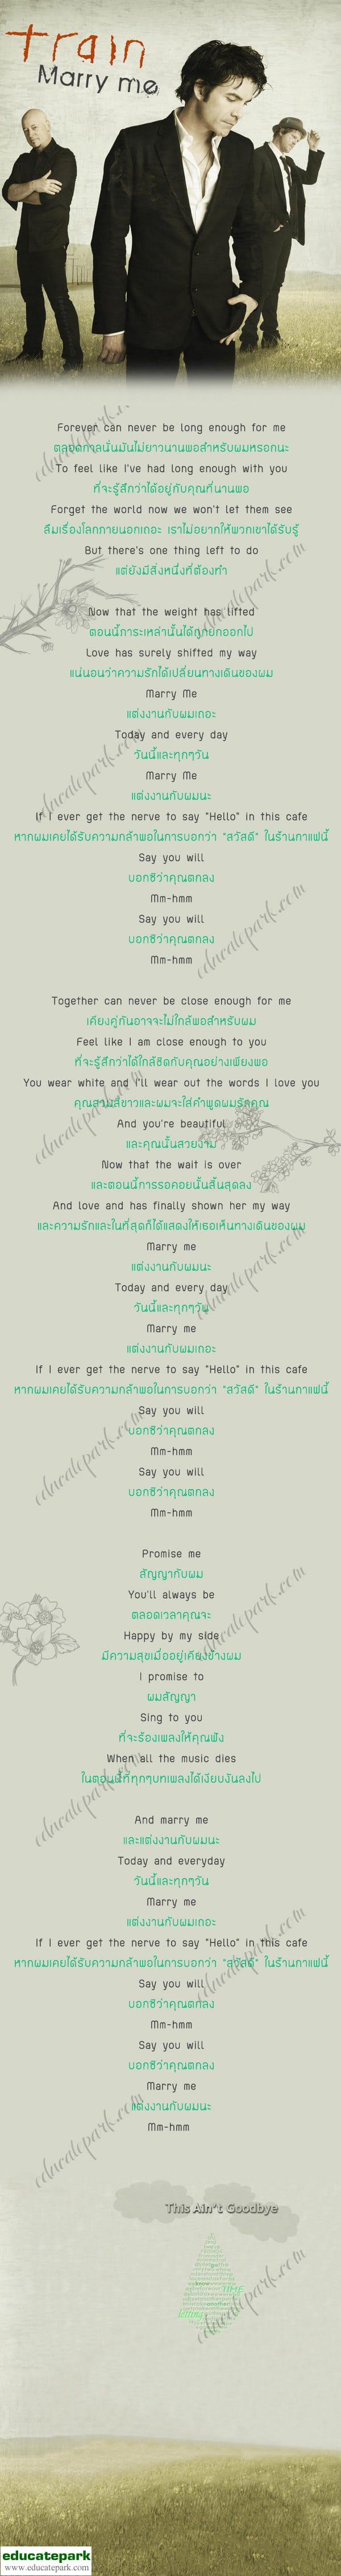 แปลเพลง Marry Me - Train